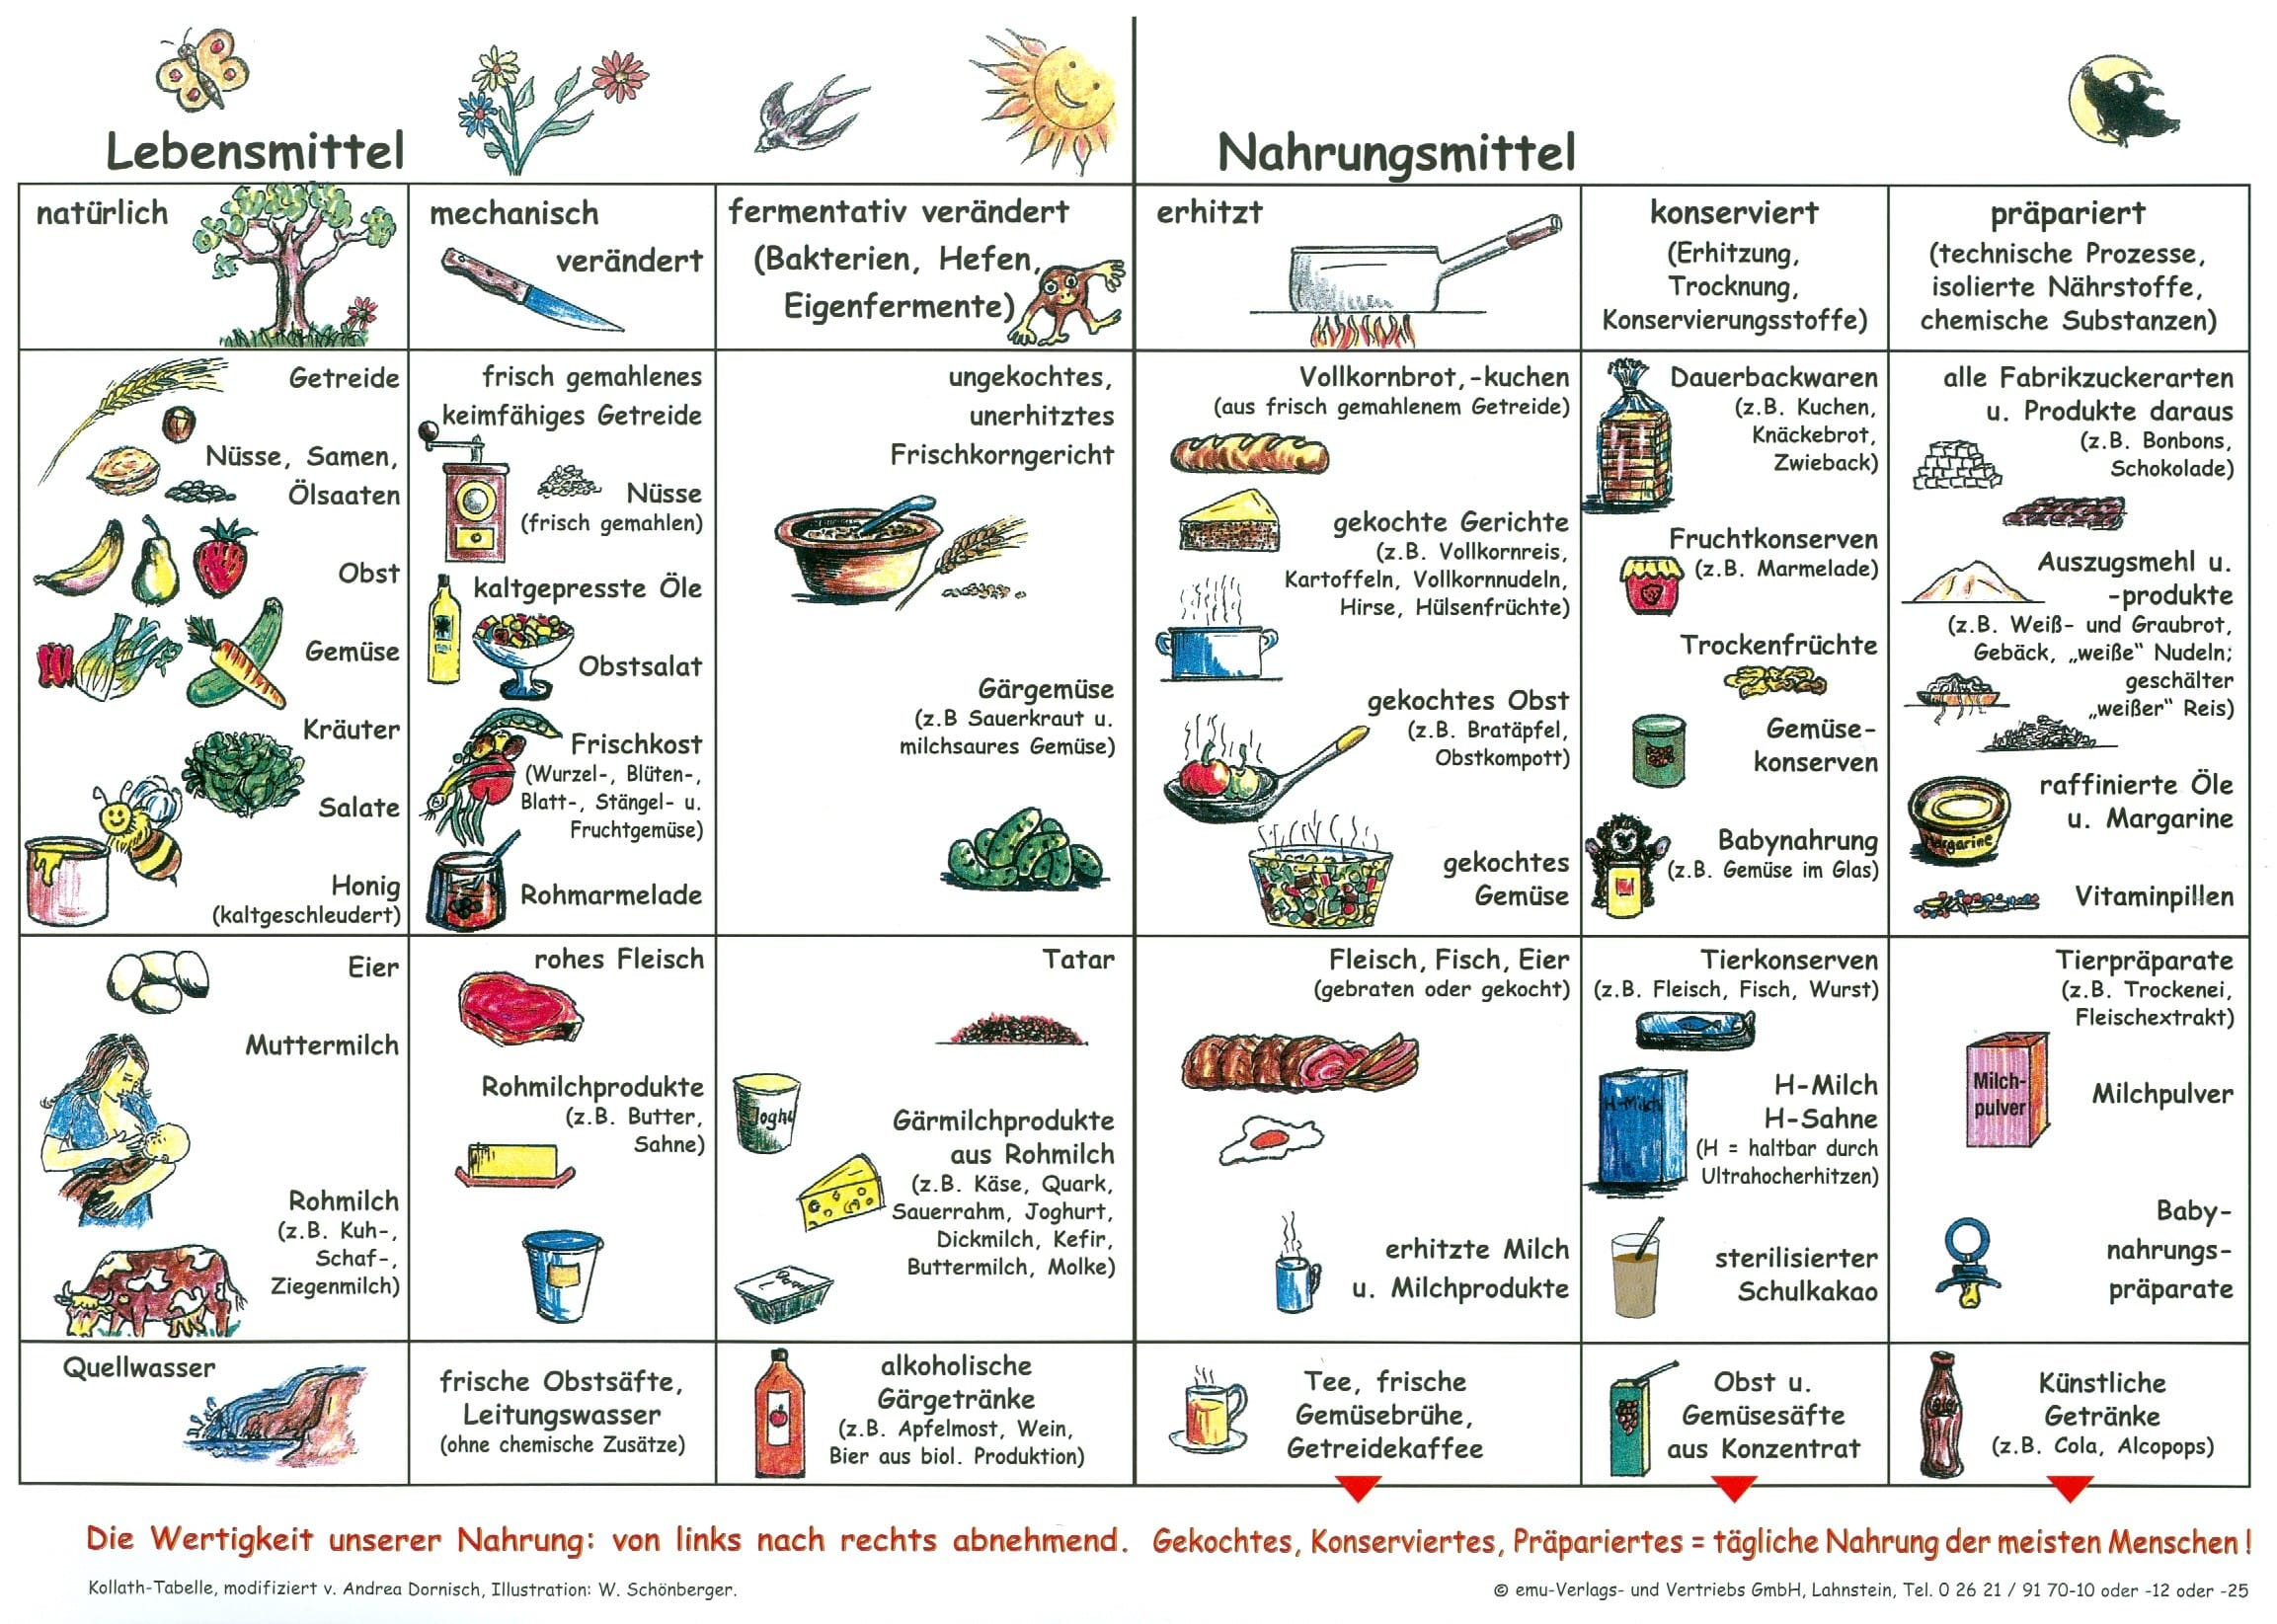 Nahrungsmittel = Lebensmittel ? | KRITISCHES NETZWERK